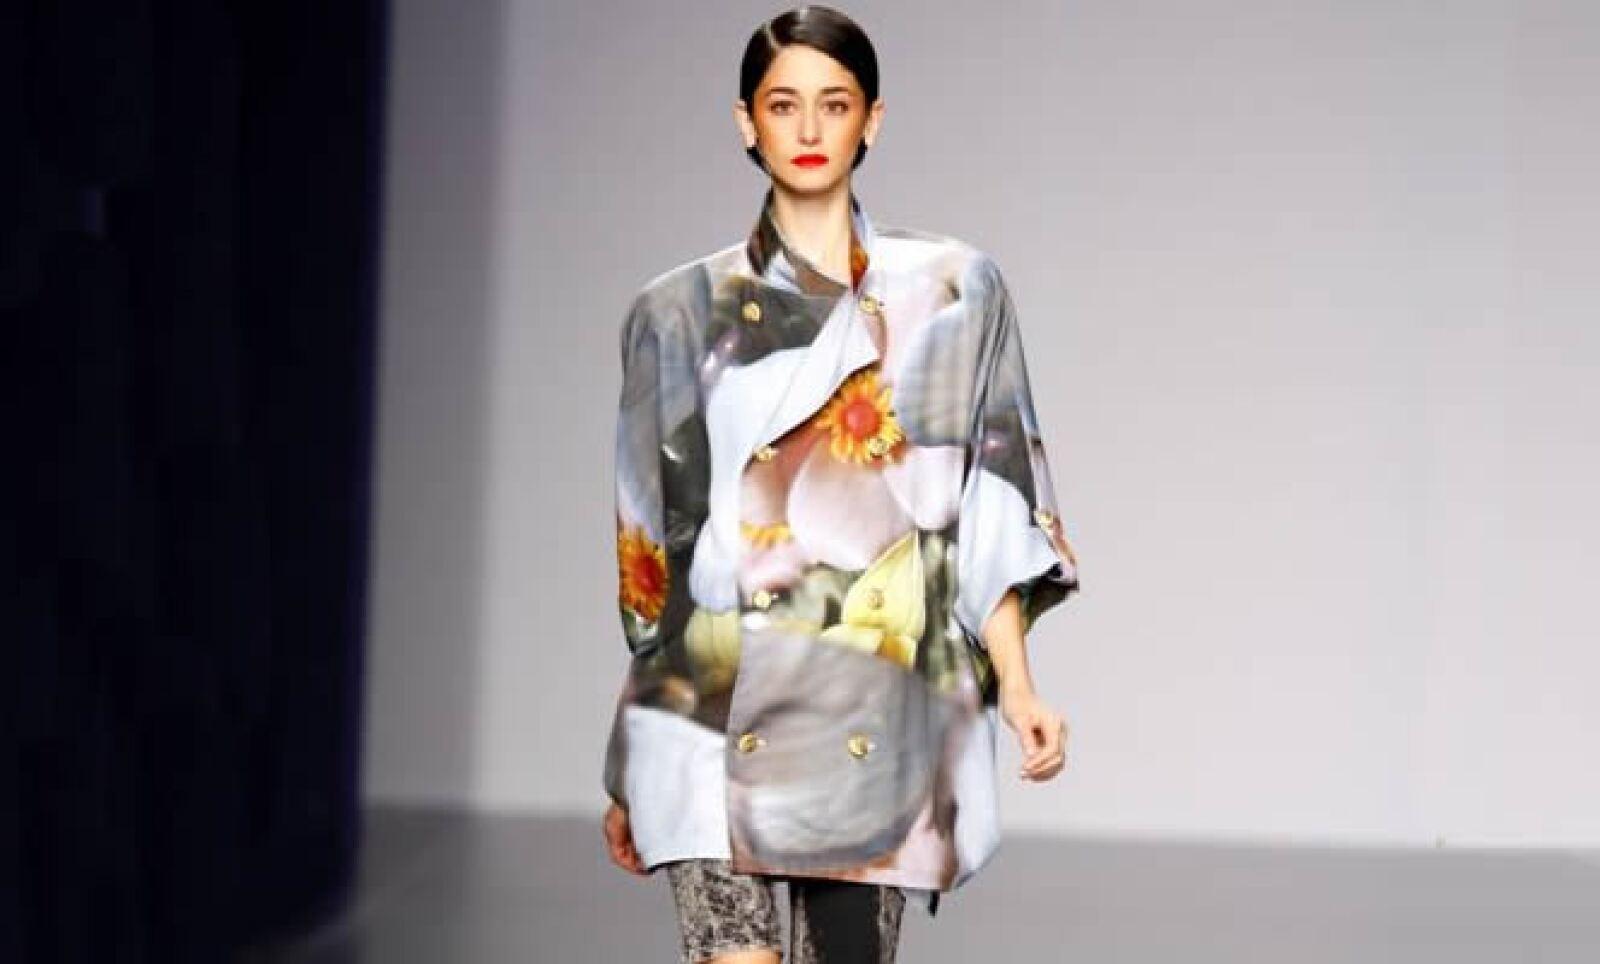 Algunos temas serán la elegancia en la mujer contemporánea; los años 60, en la que la moda era influida por una ideología propia; incluso el célebre pintor Francisco Goya.